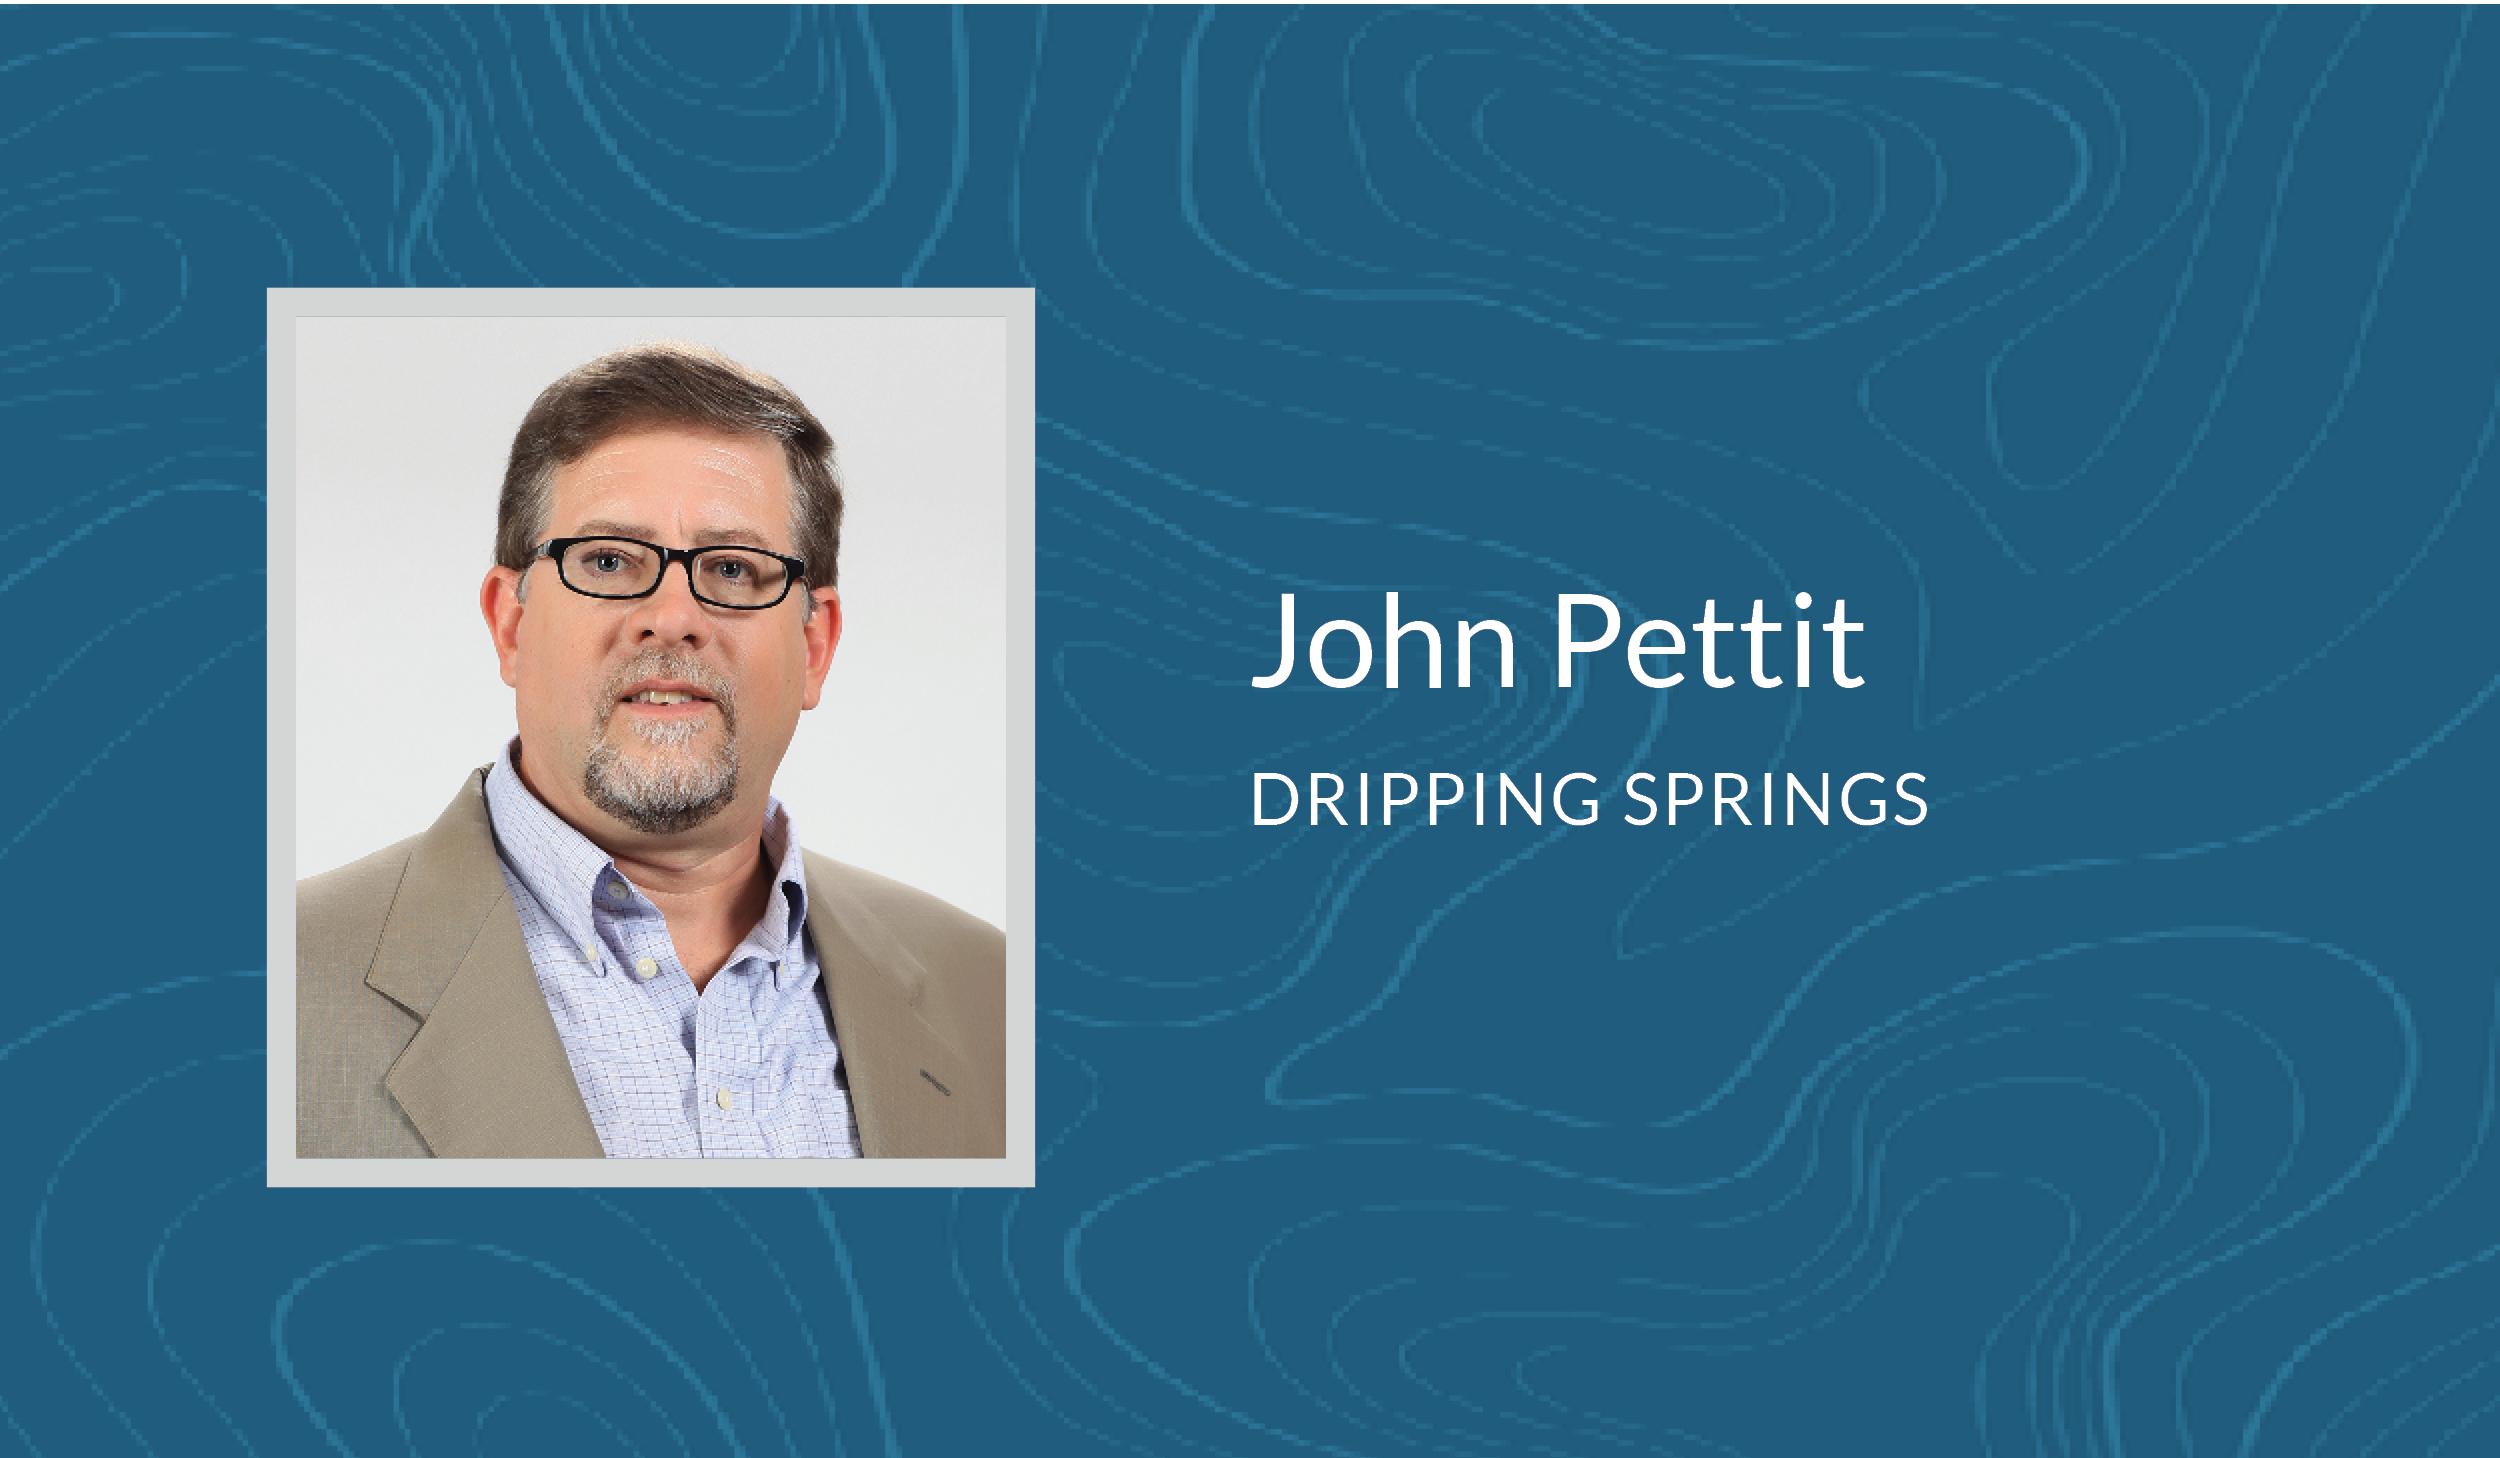 John Pettit Landing Page Headers.png